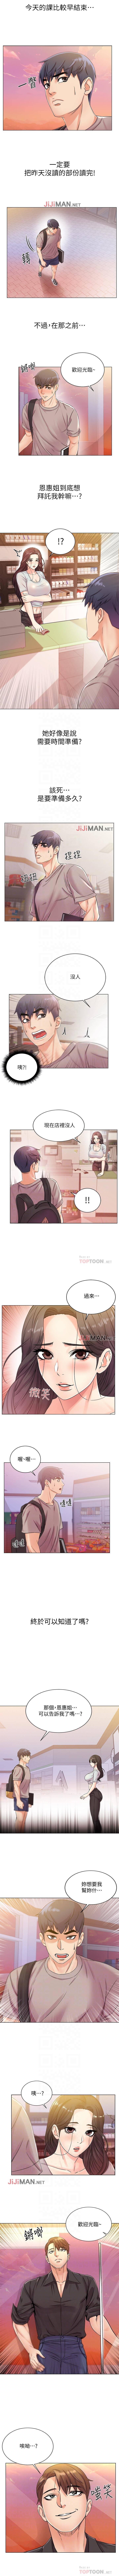 【周三连载】超市的漂亮姐姐(作者:北鼻&逃兵) 第1~20话 114